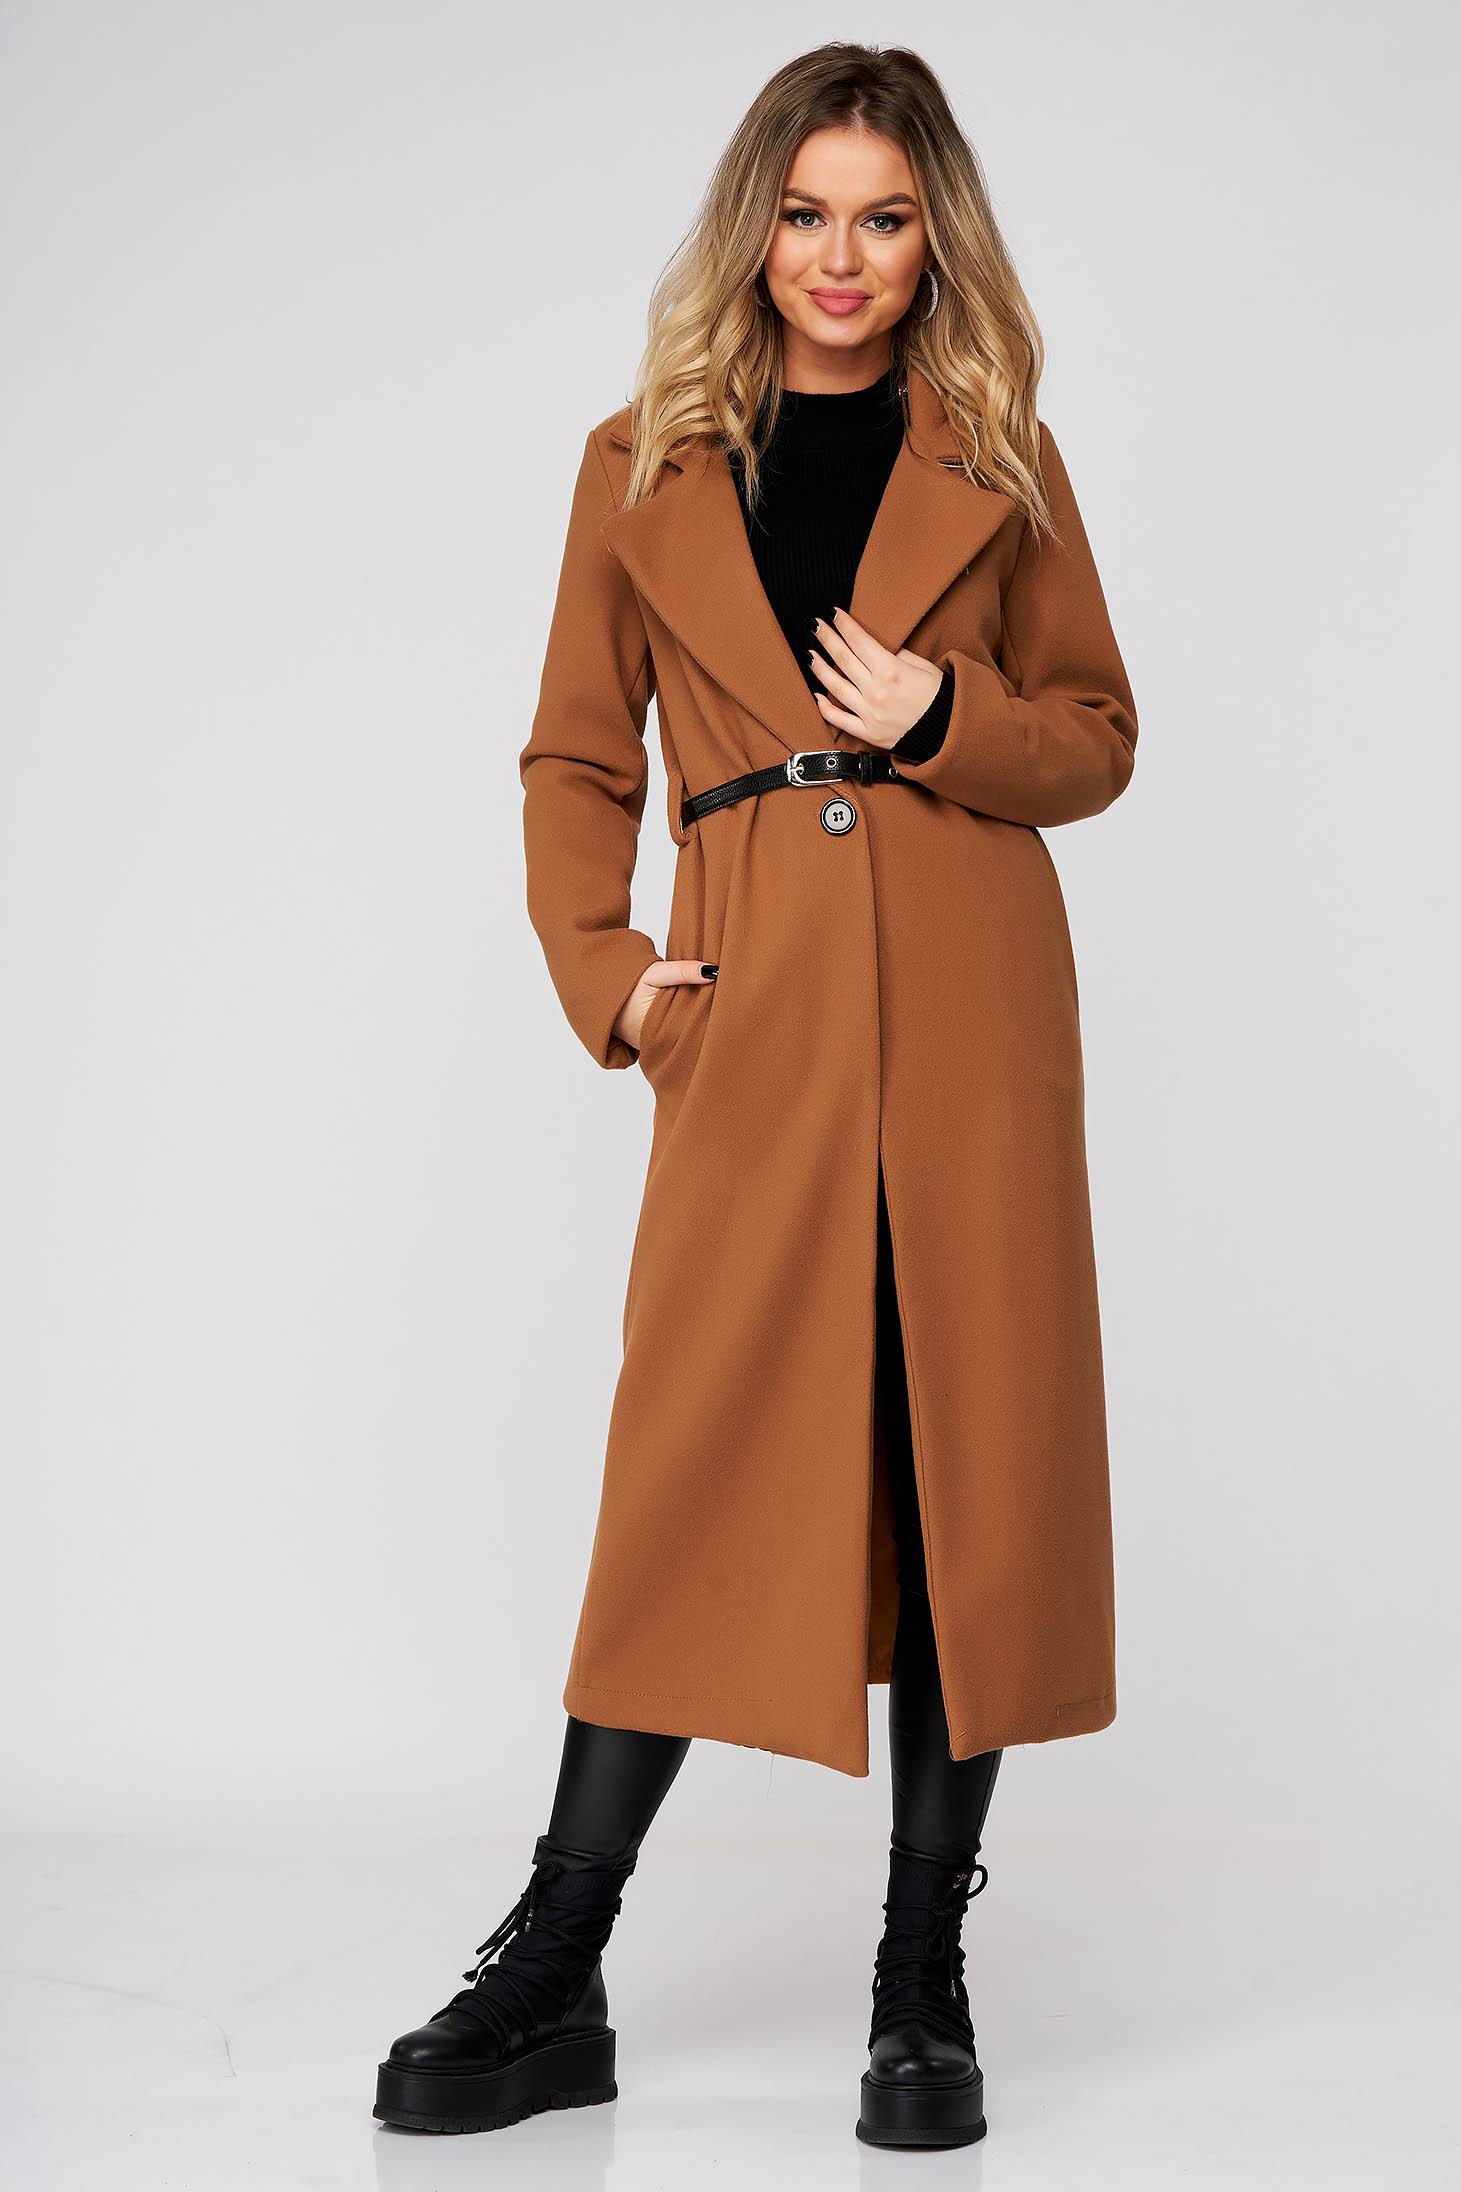 Palton SunShine din stofa maro lung cu un croi drept cu buzunare cu accesoriu tip curea